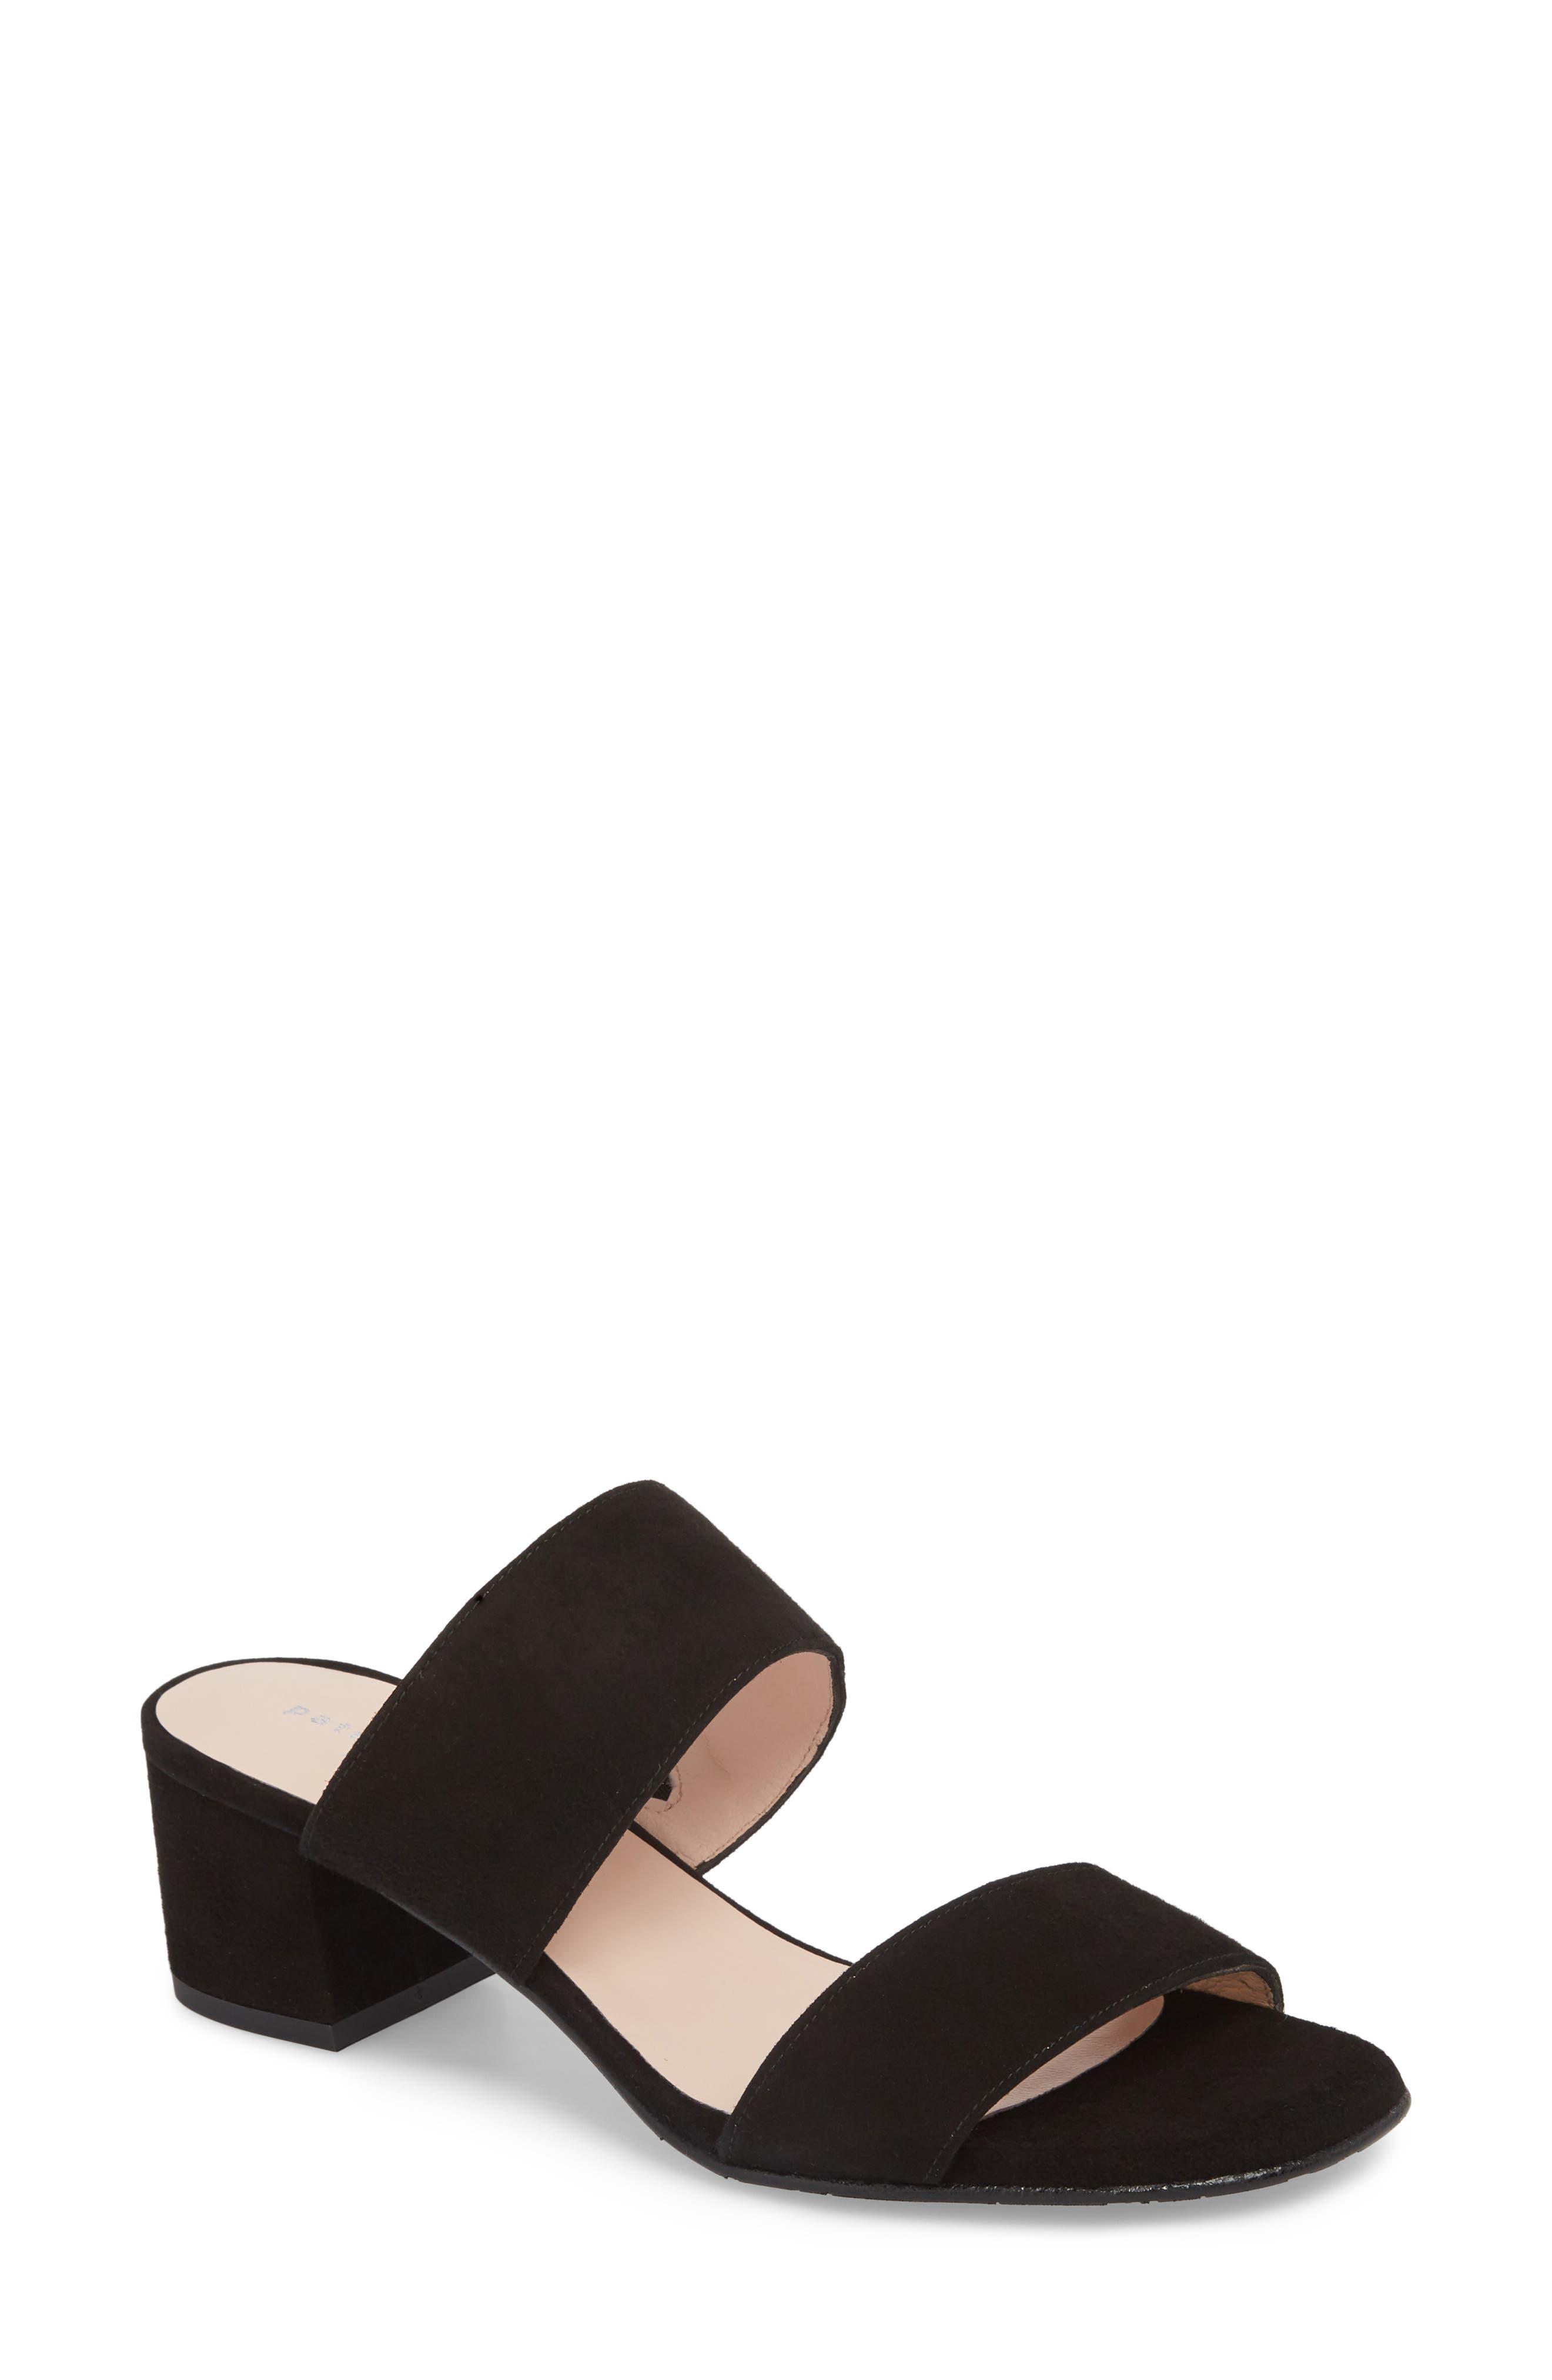 Lola Slide Sandal,                         Main,                         color, BLACK SUEDE